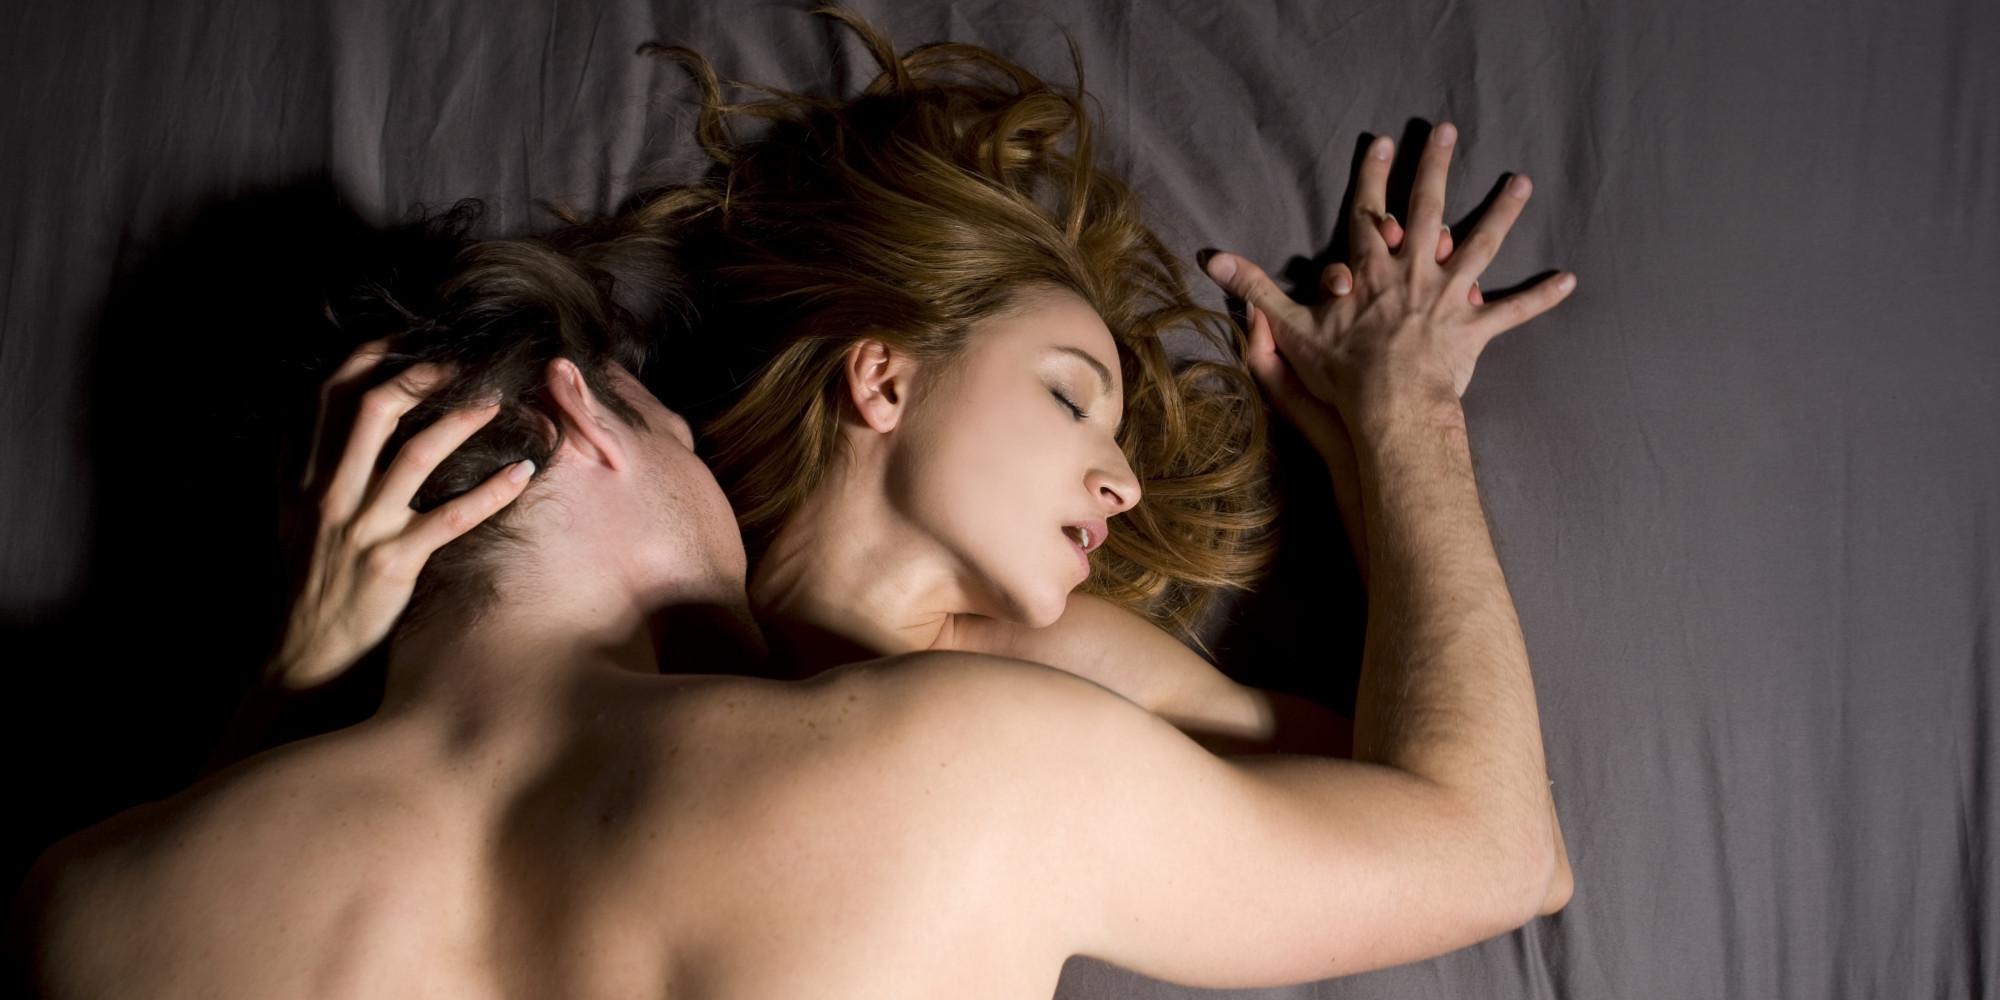 Хит женский оргазм 11 фотография